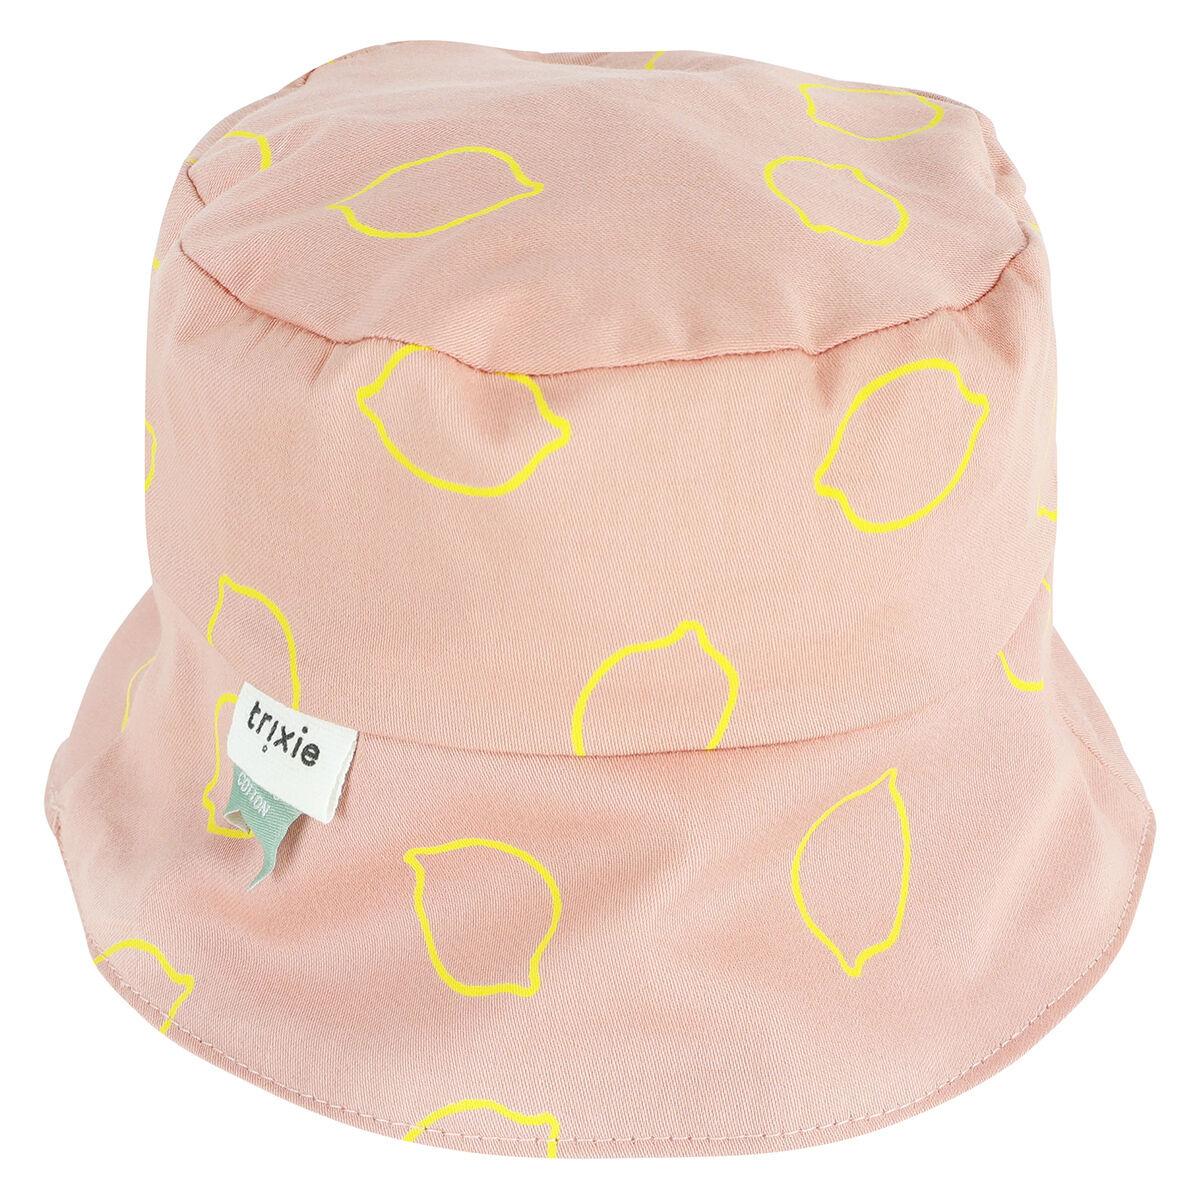 Trixie Baby Chapeau de Soleil Lemon Squash - 3 Mois